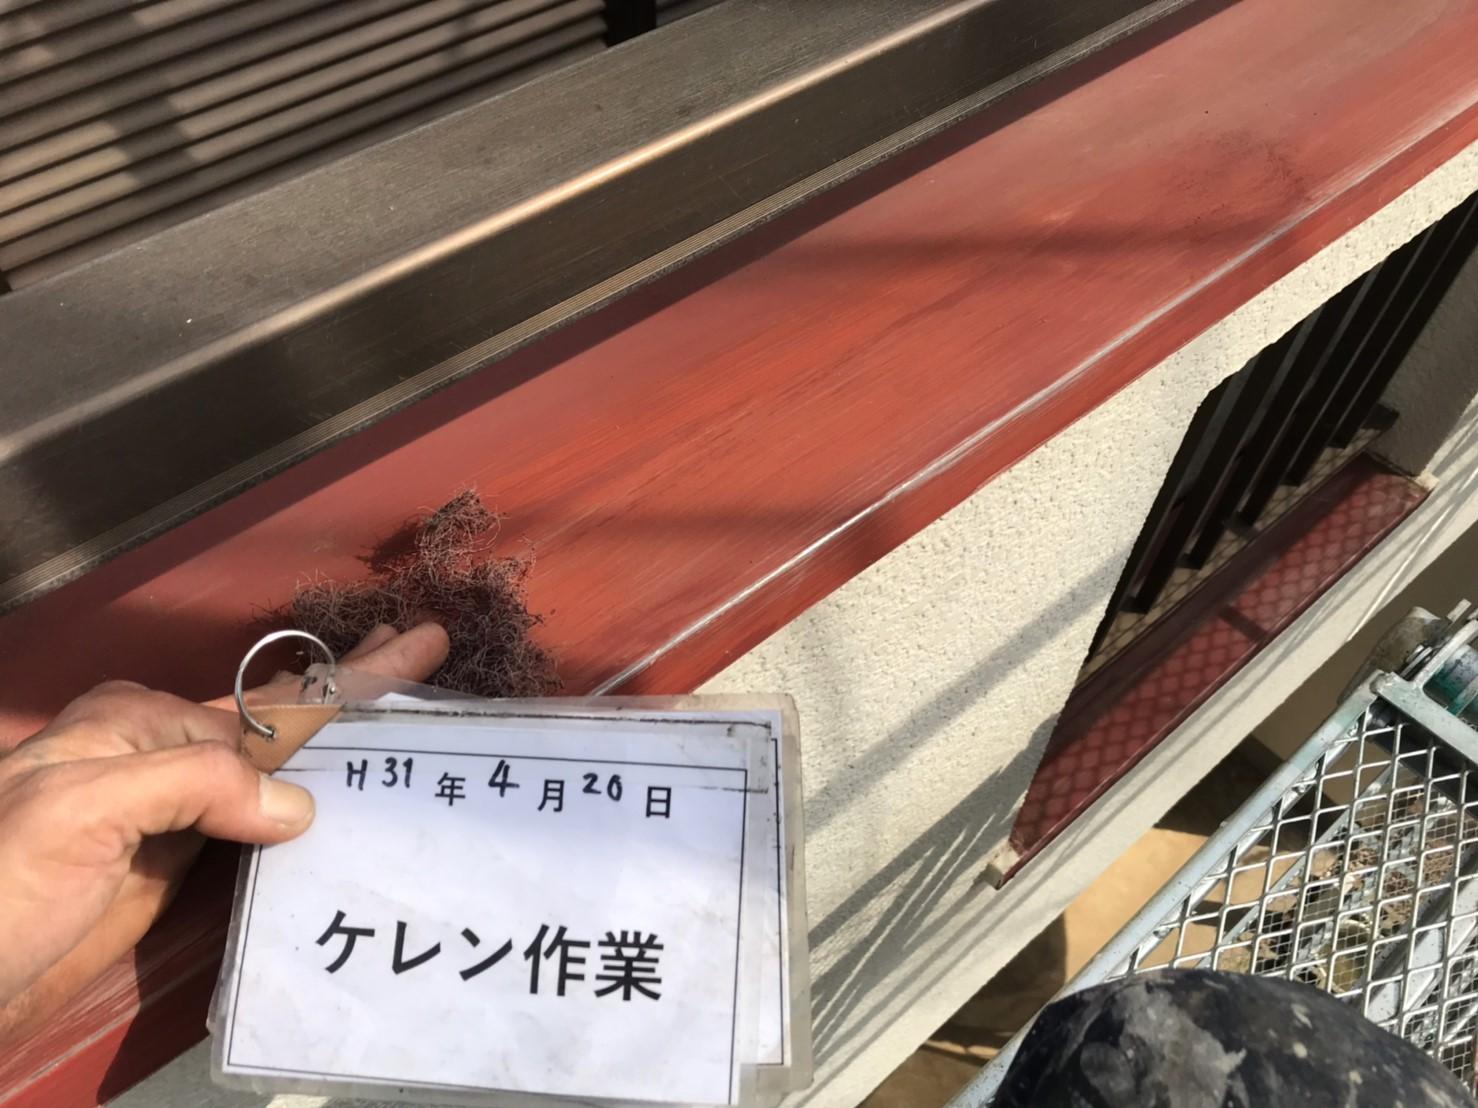 リフォーム施工中屋根葺き替え工事、外壁塗装工事【126】横浜市緑区M様